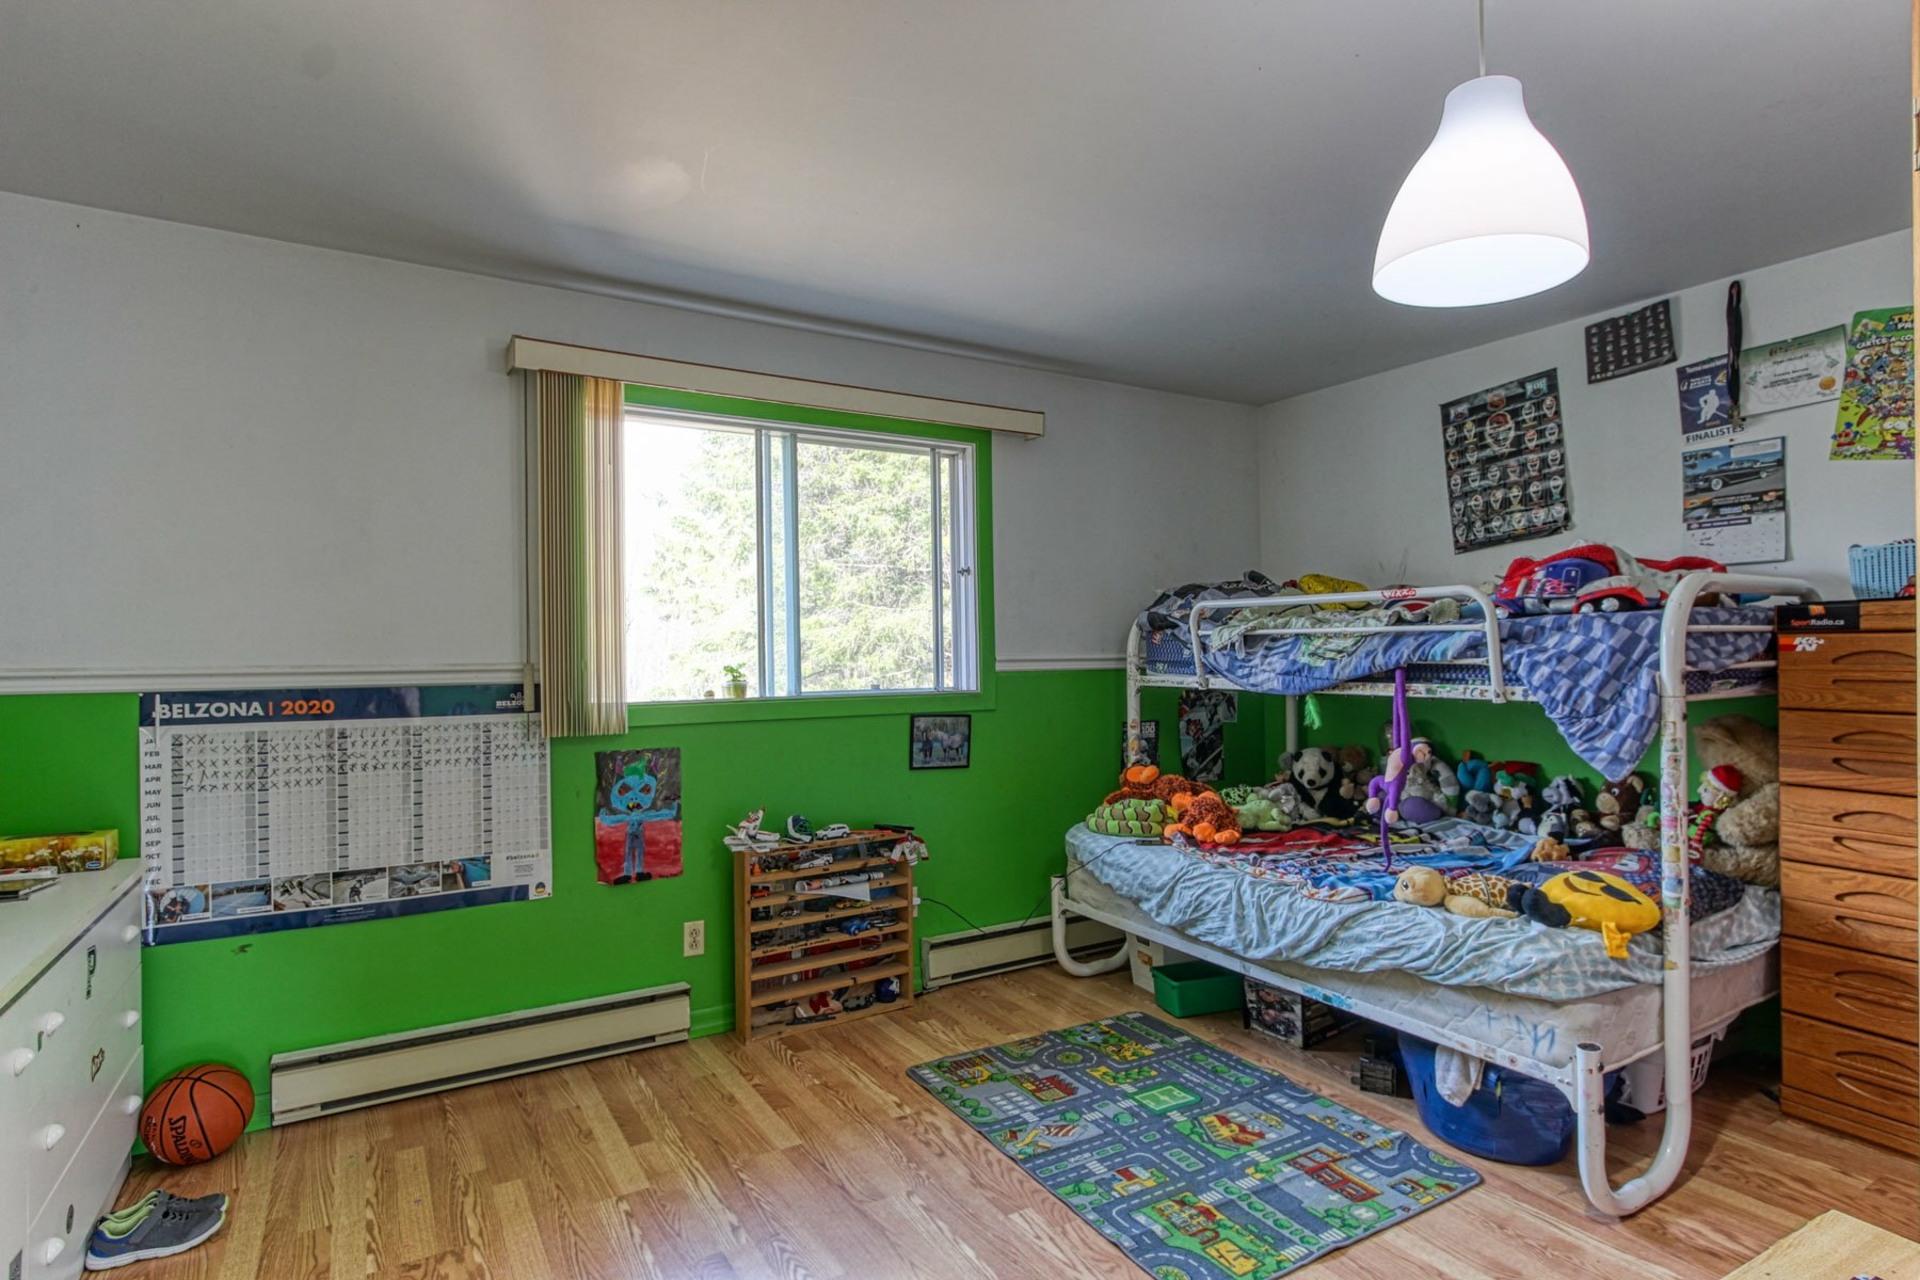 image 8 - Maison À vendre Trois-Rivières - 6 pièces